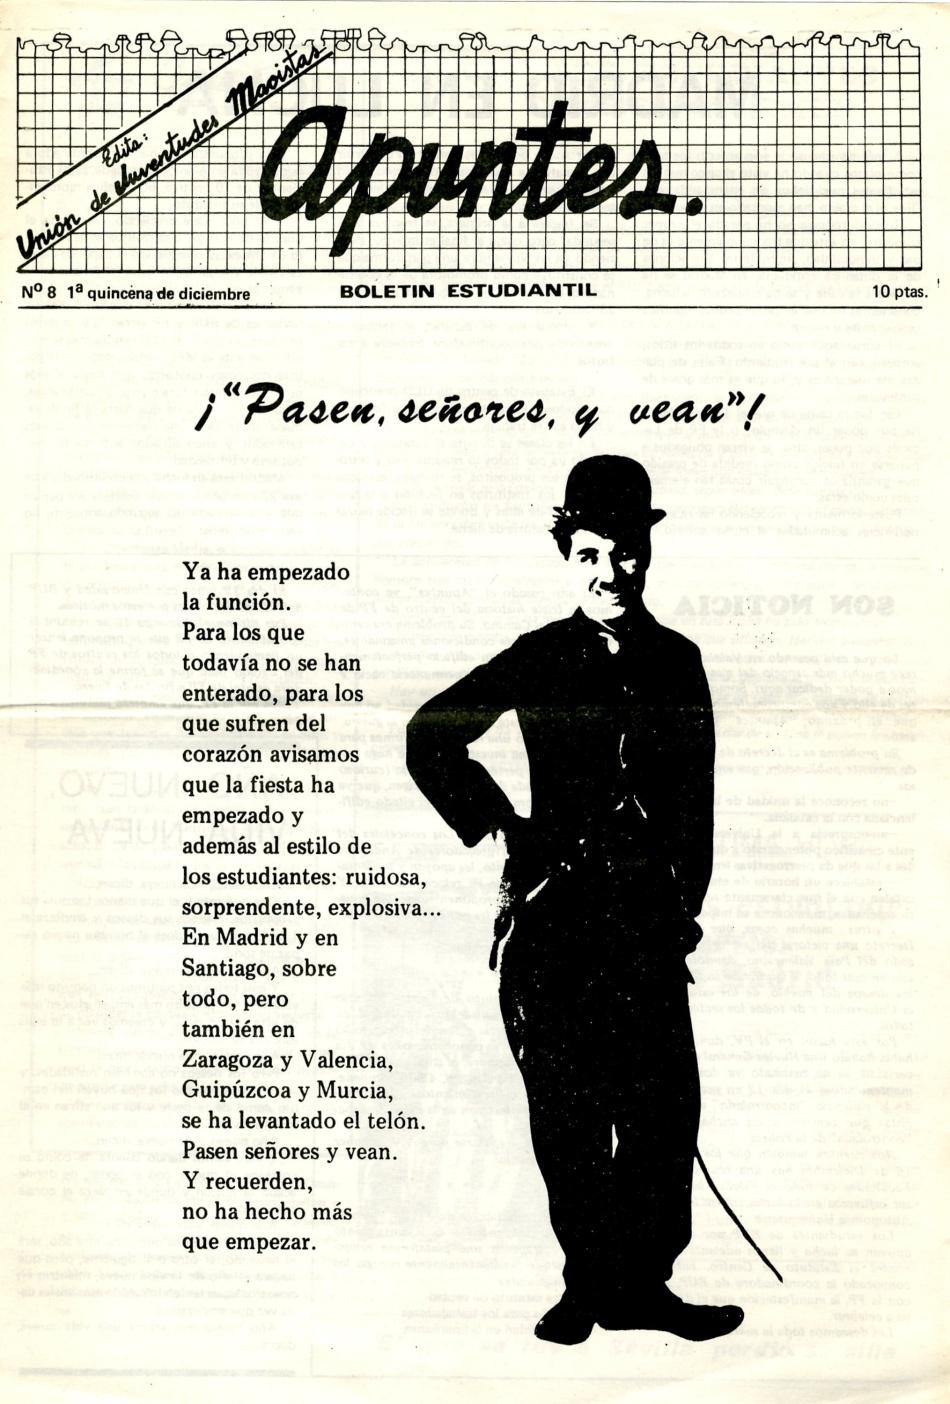 APUNTES BOLETIN ESTUDIANTIL, Union de Juventudes Maoistas, ORT UJM, No a la Selectividad, Huelga contra la Selectividad